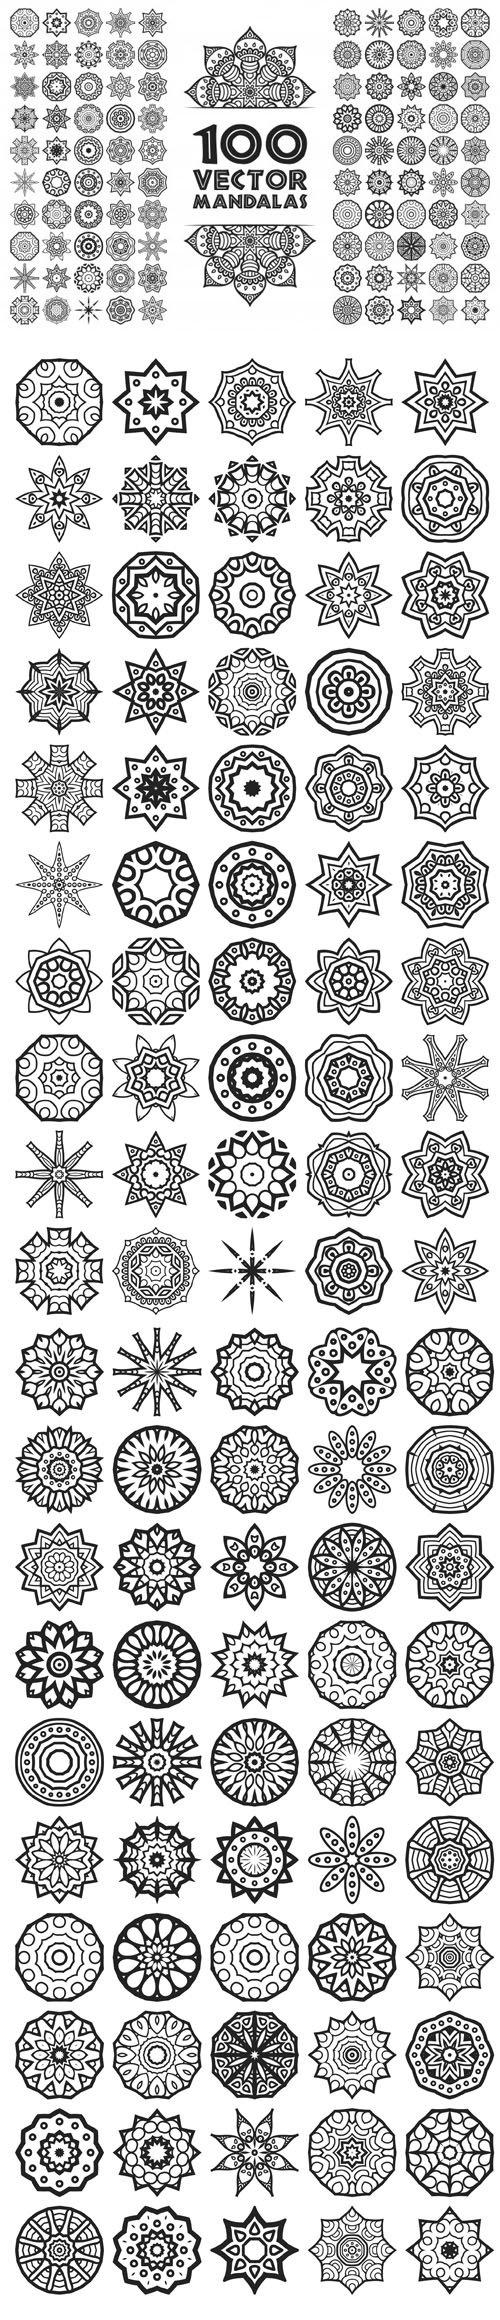 100 Vector Mandalas Collection